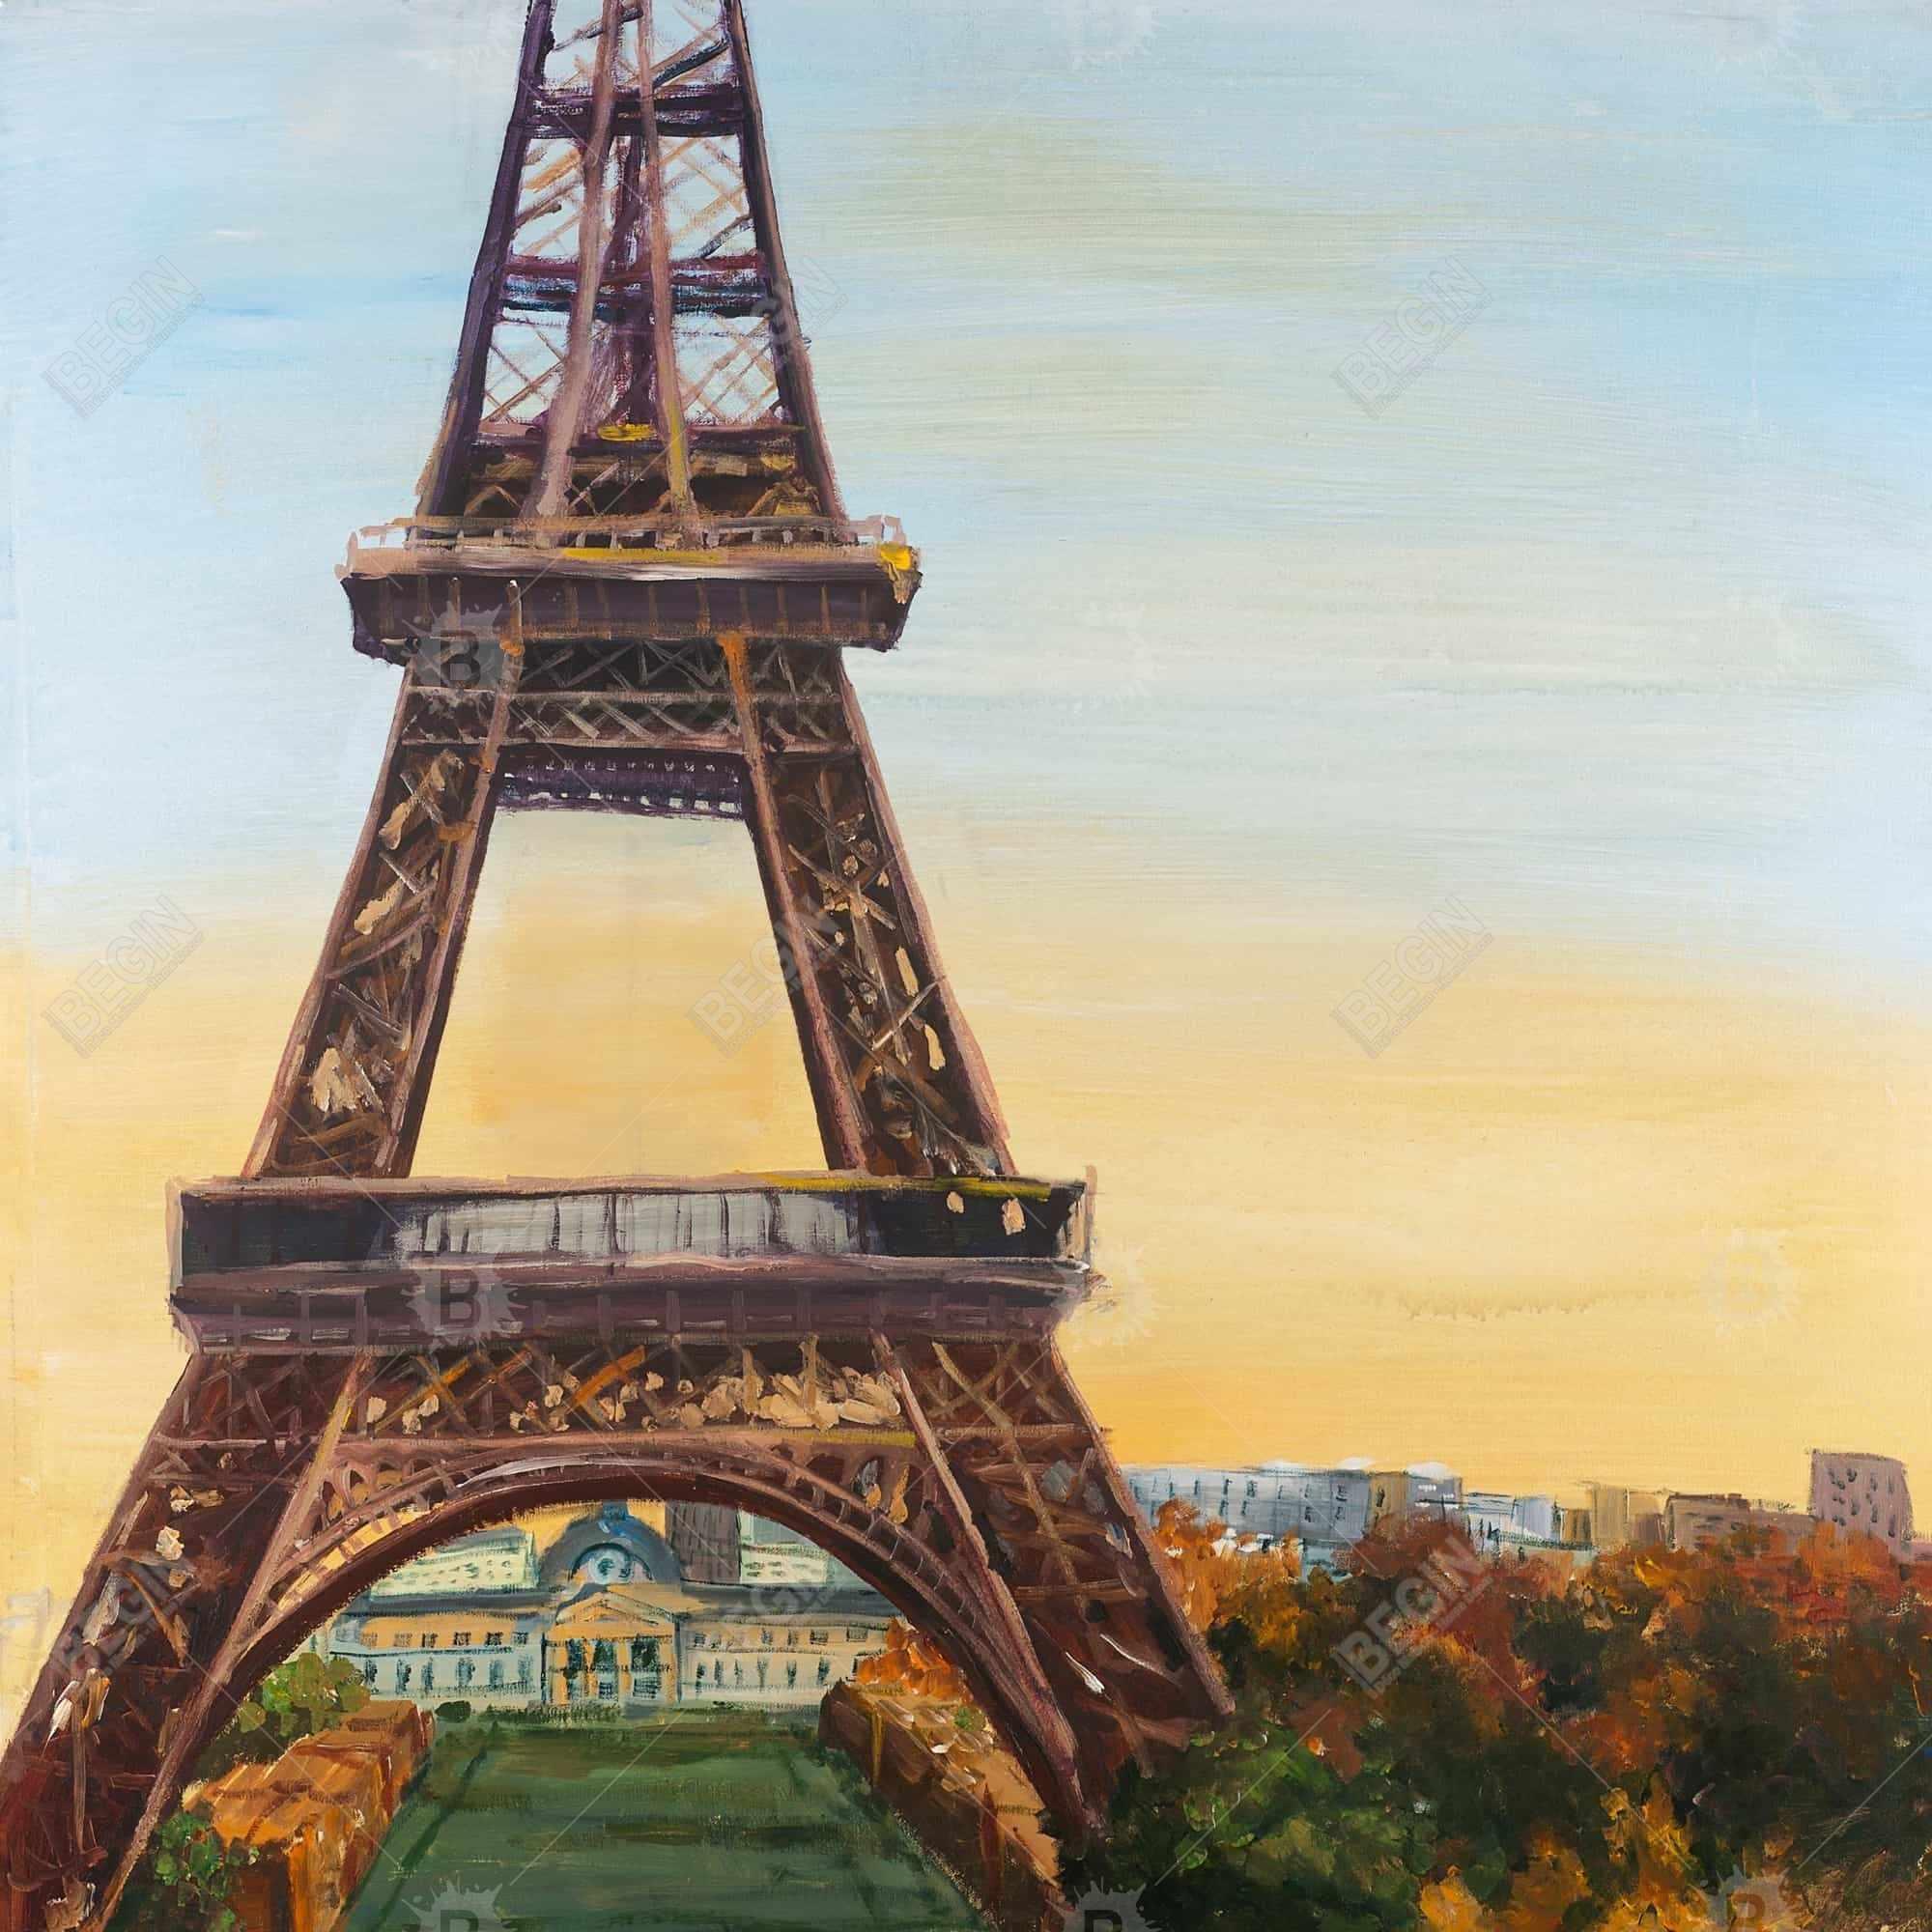 Eiffel tower by dawn